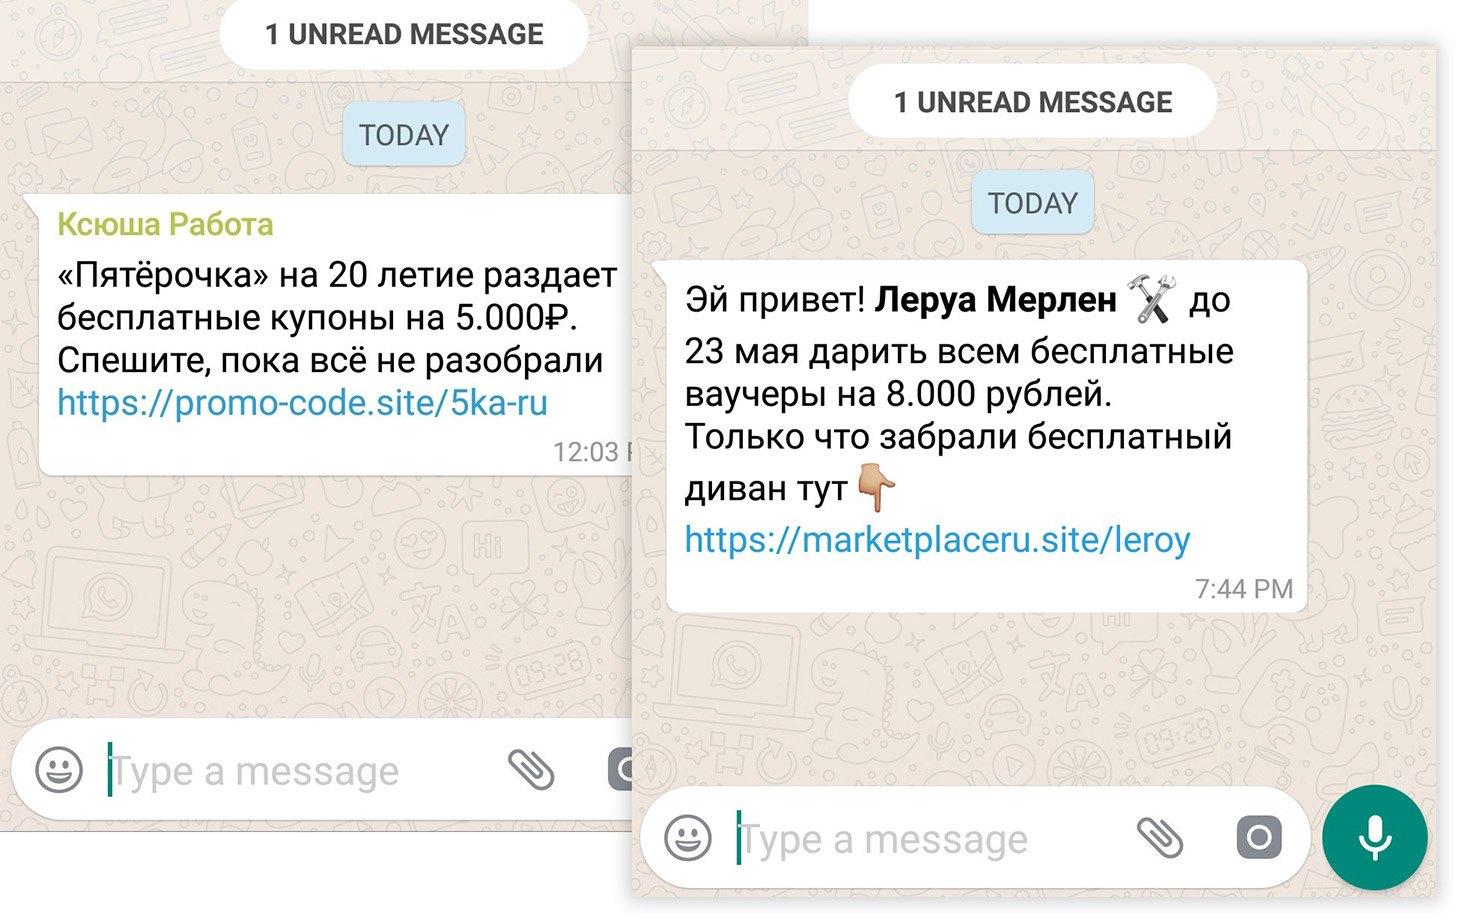 Примеры сообщений в мессенджере, распространяющих мошеннические ссылки